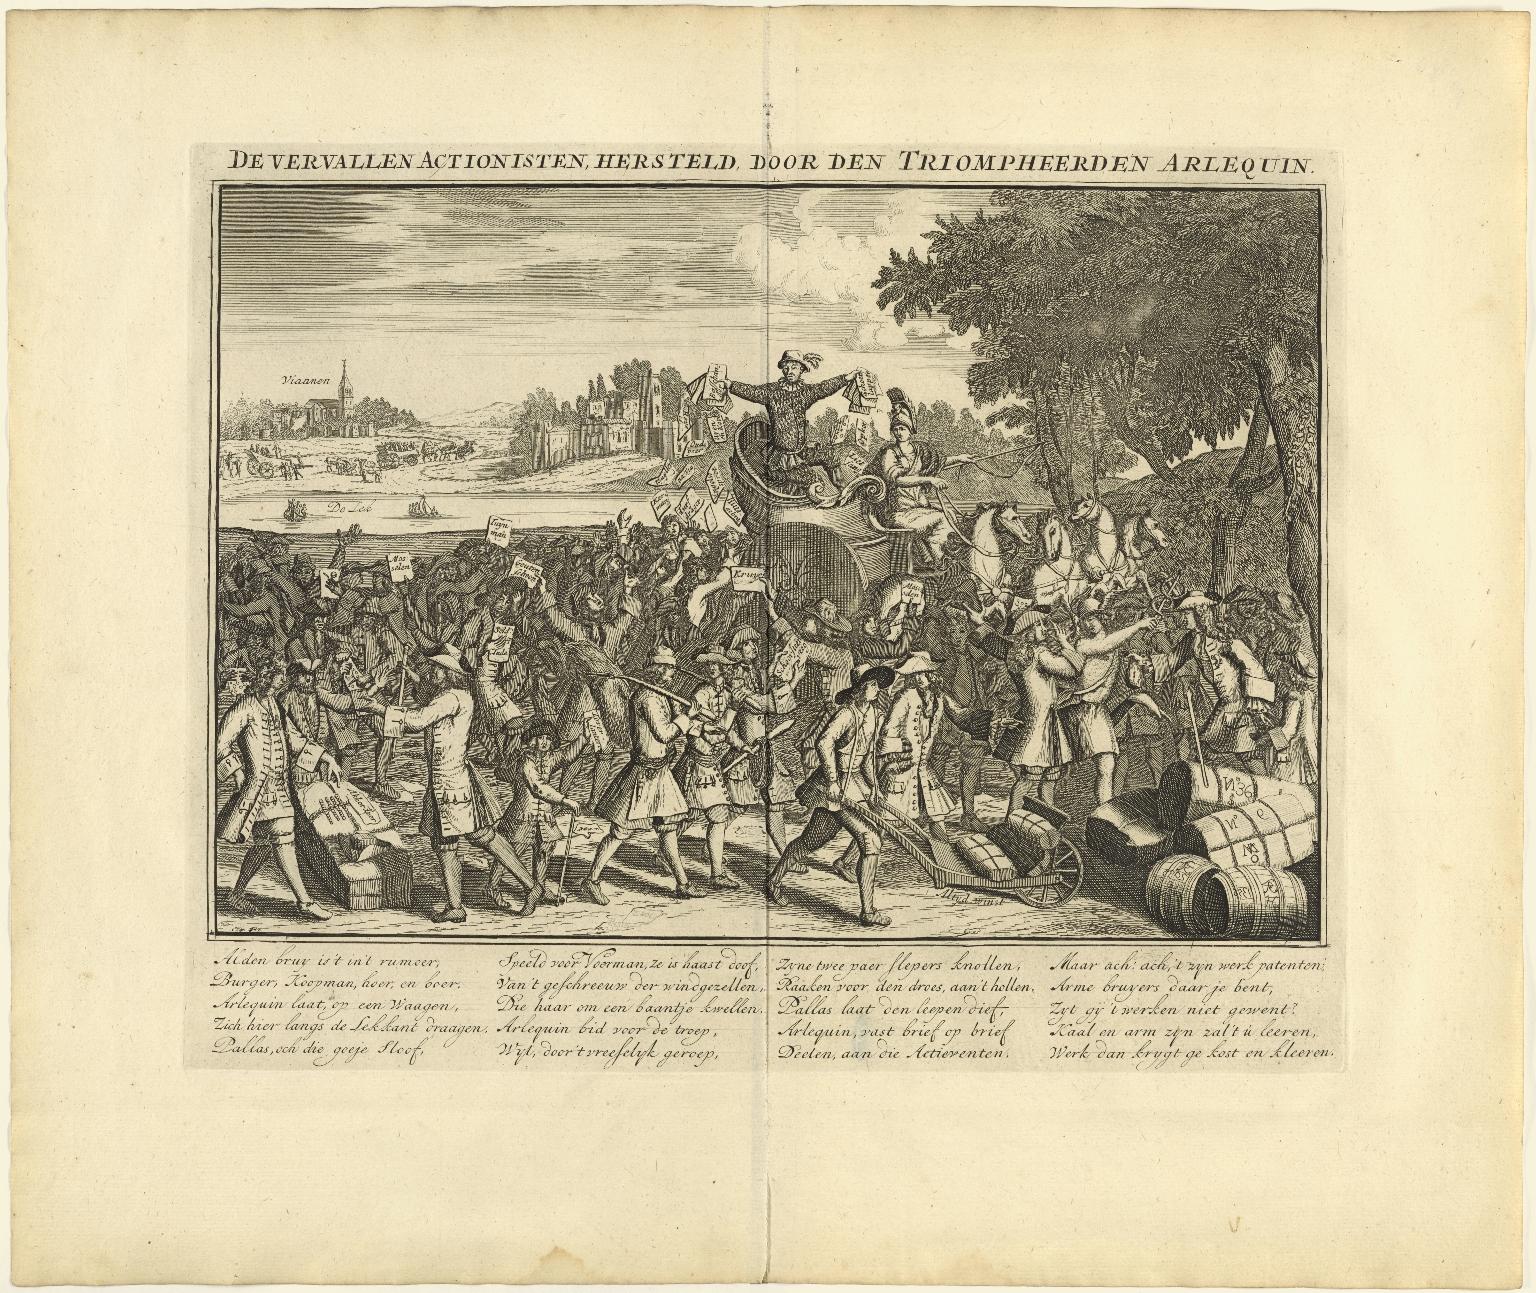 De vervallen actionisten, hersteld, door den triompheerden Arlequin.